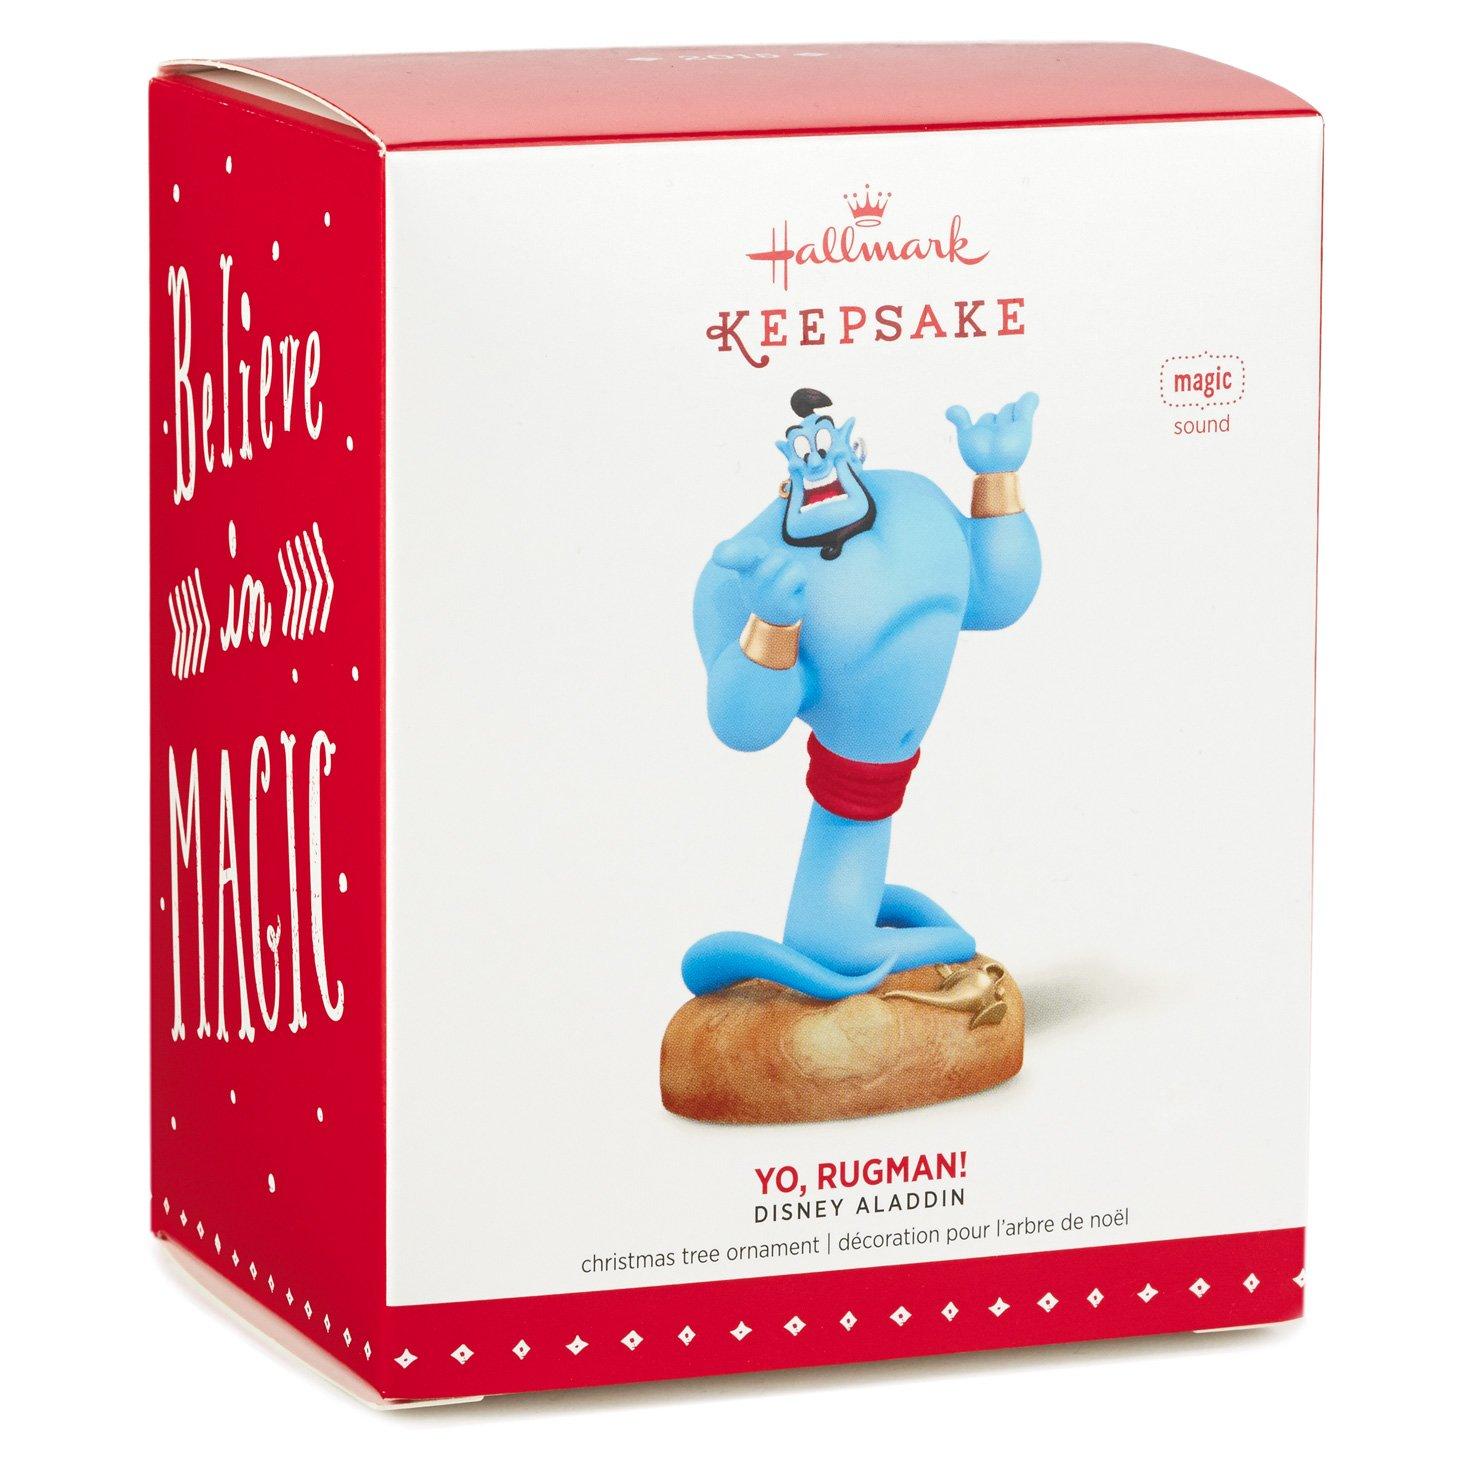 Amazoncom Hallmark Keepsake Ornament Disney Aladdin Yo, Rugman Genie With